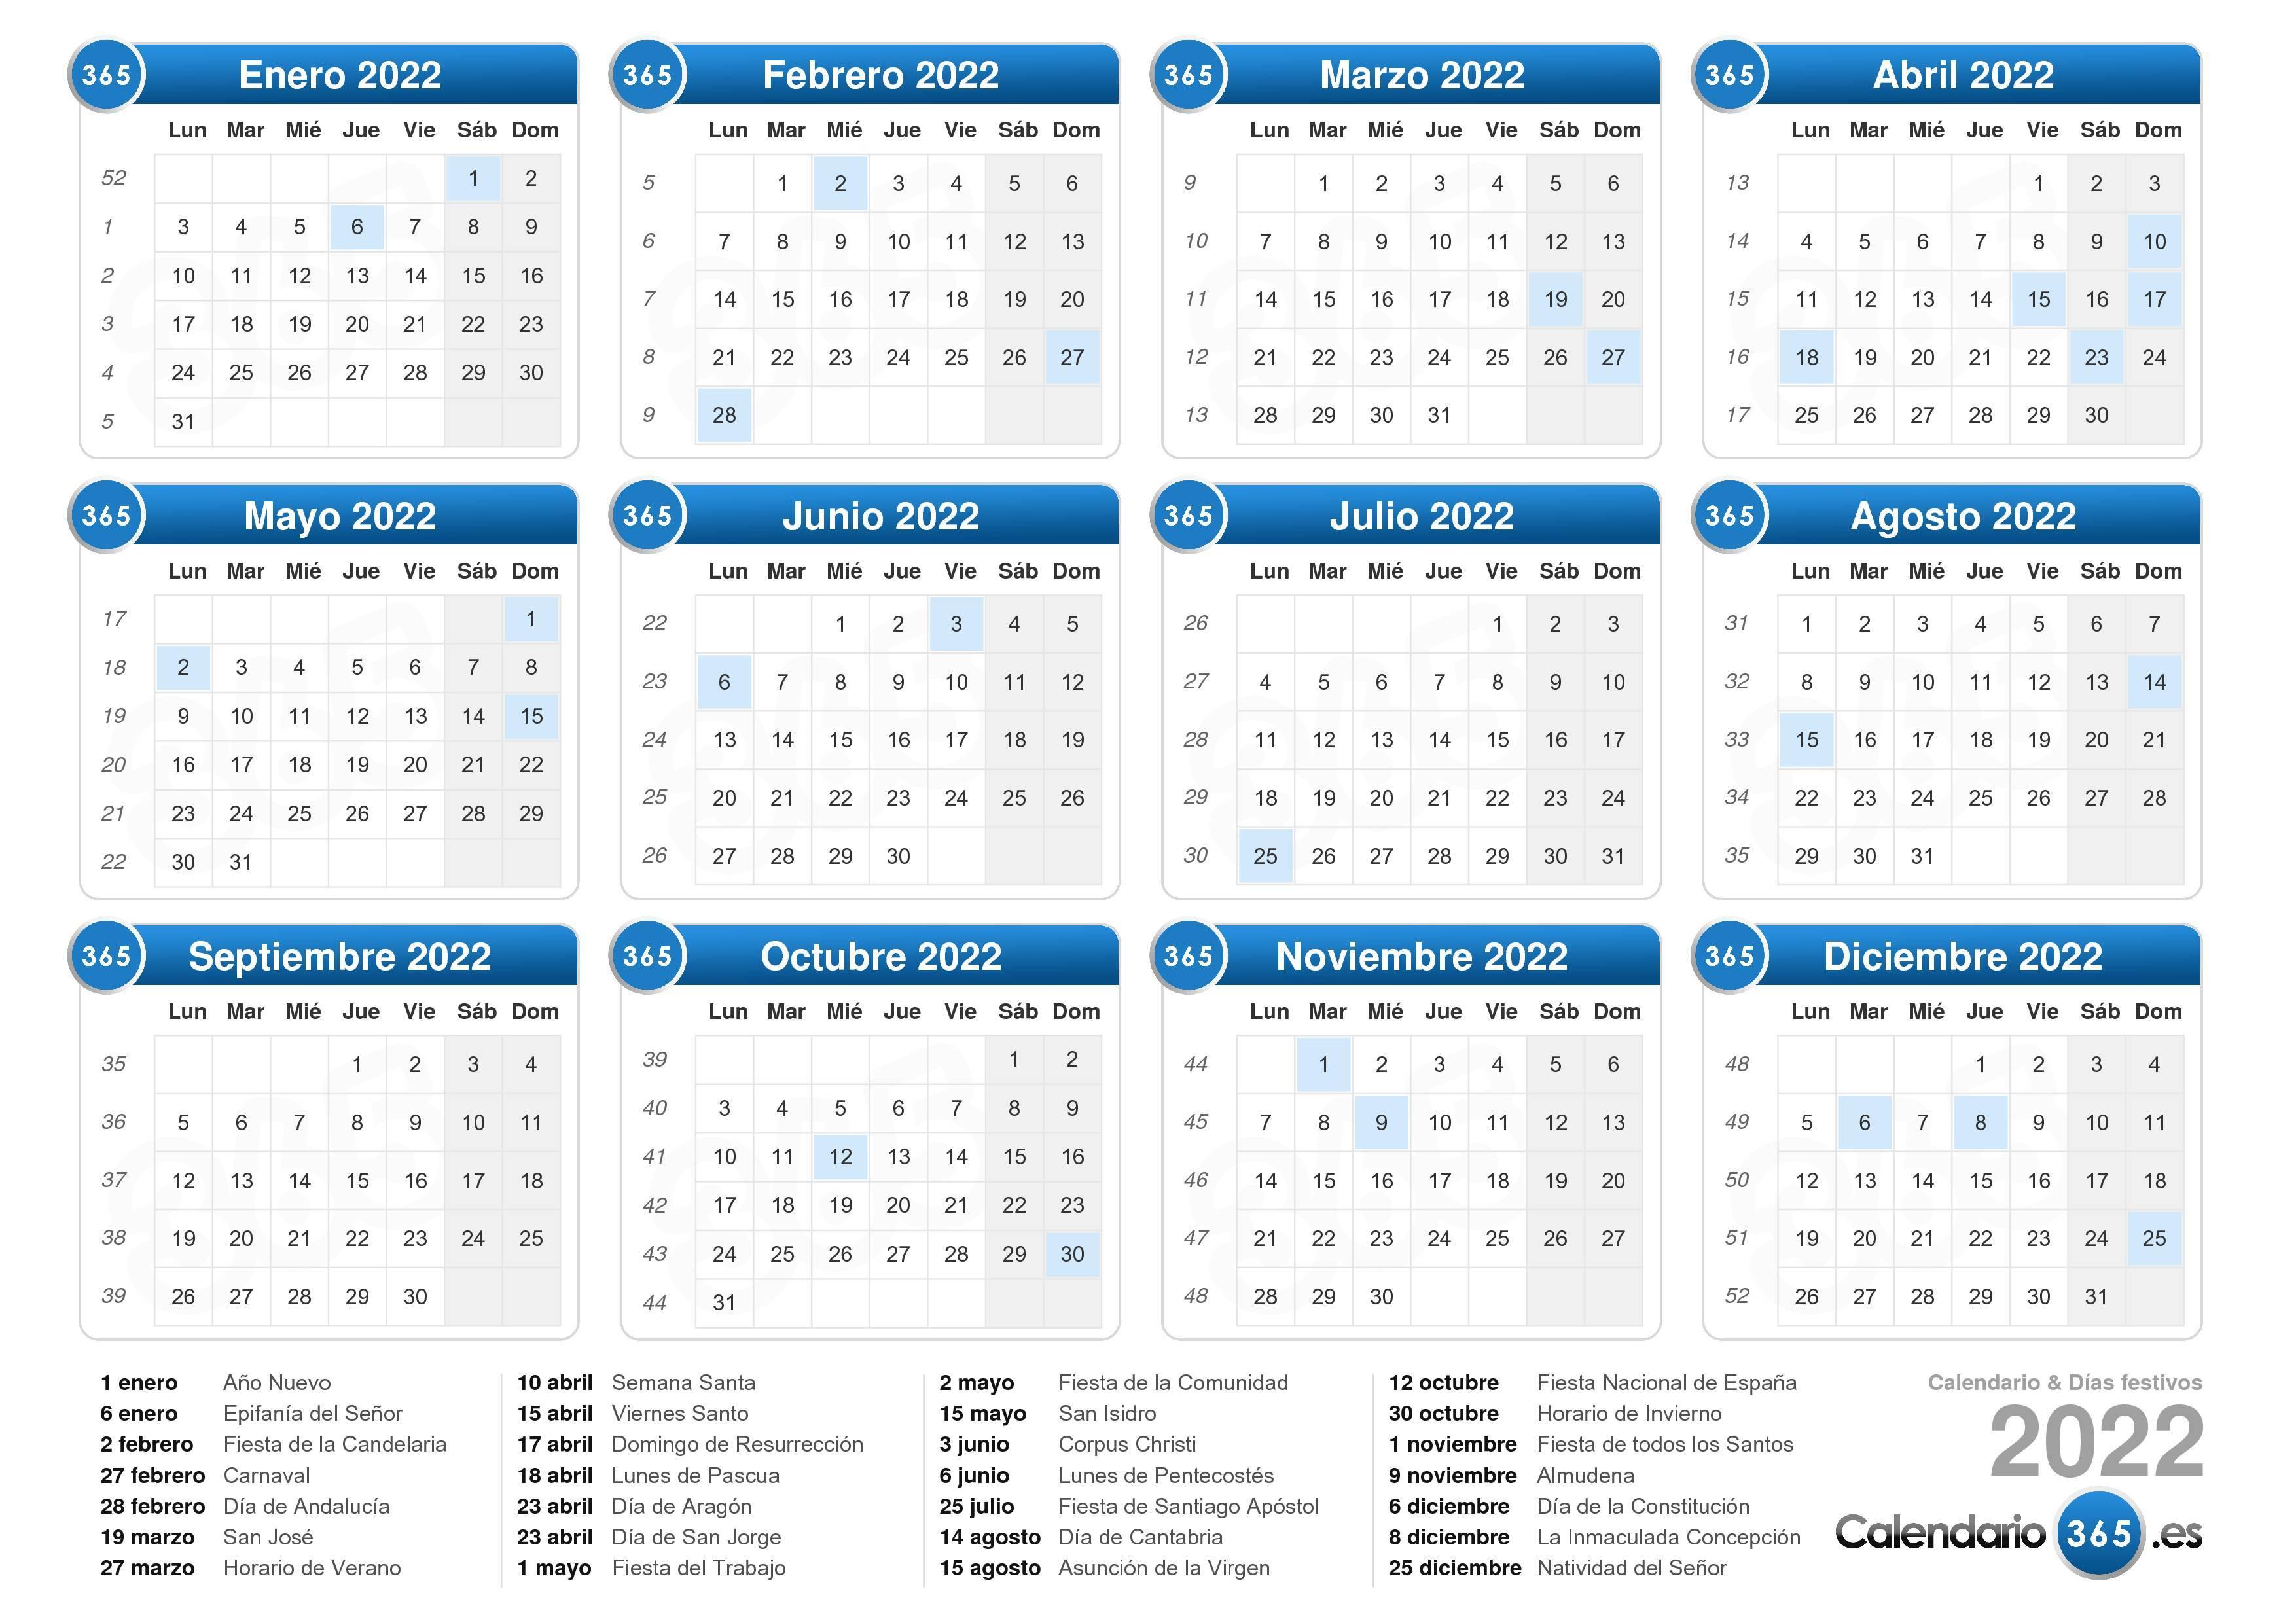 Calendario Formula 1 2020 Horarios.Calendario 2022